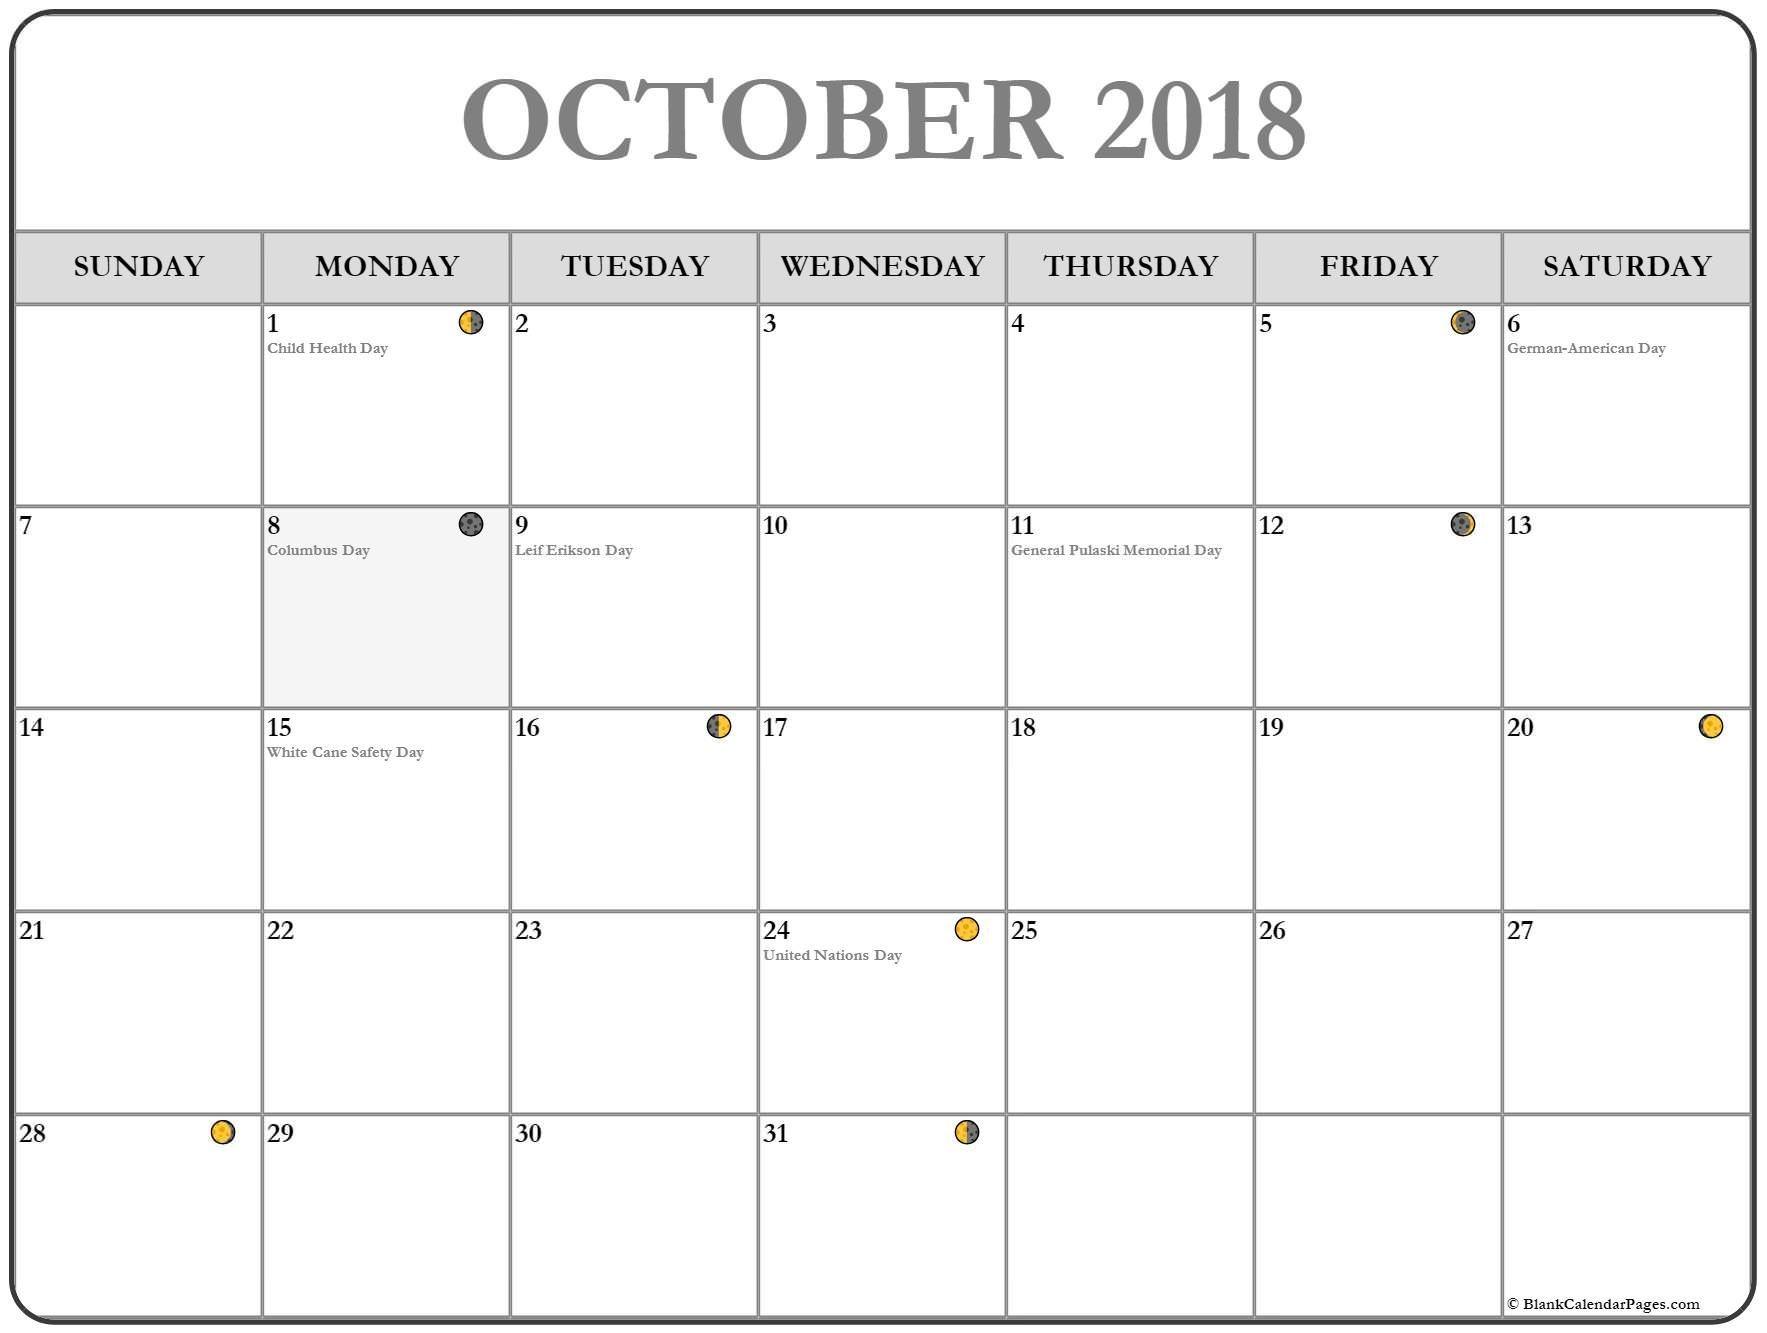 Calendario Noviembre 2017 Imprimir Gratis Más Recientes Calendar 2018 October Moon Phase October Calendar Printable Of Calendario Noviembre 2017 Imprimir Gratis Mejores Y Más Novedosos Calendario Noviembre 2018 Colombia